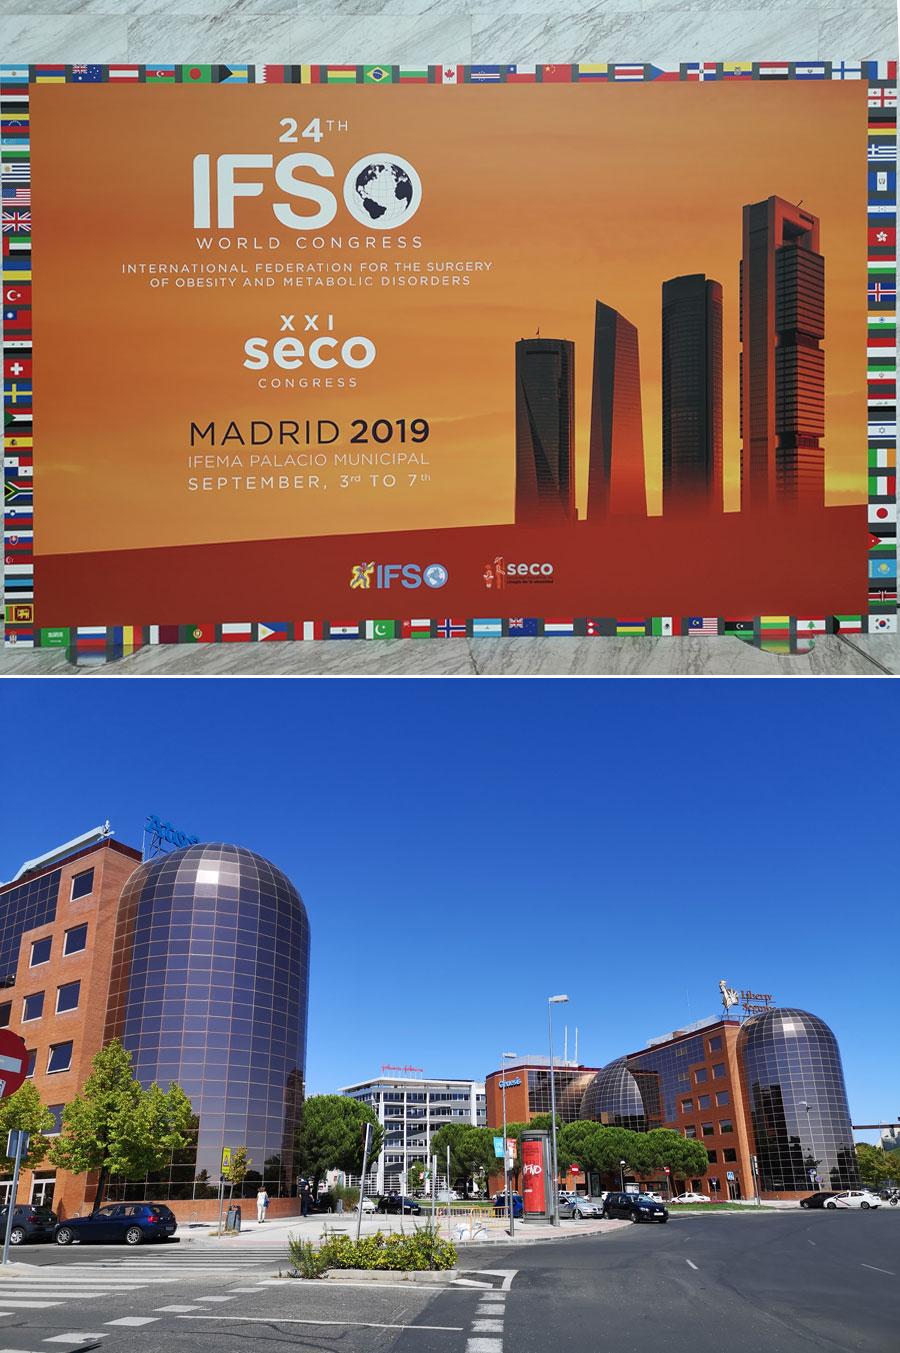 减重大咖齐聚西班牙,2019年第24届国际肥胖与代谢病外科联盟世界大会顺利召开